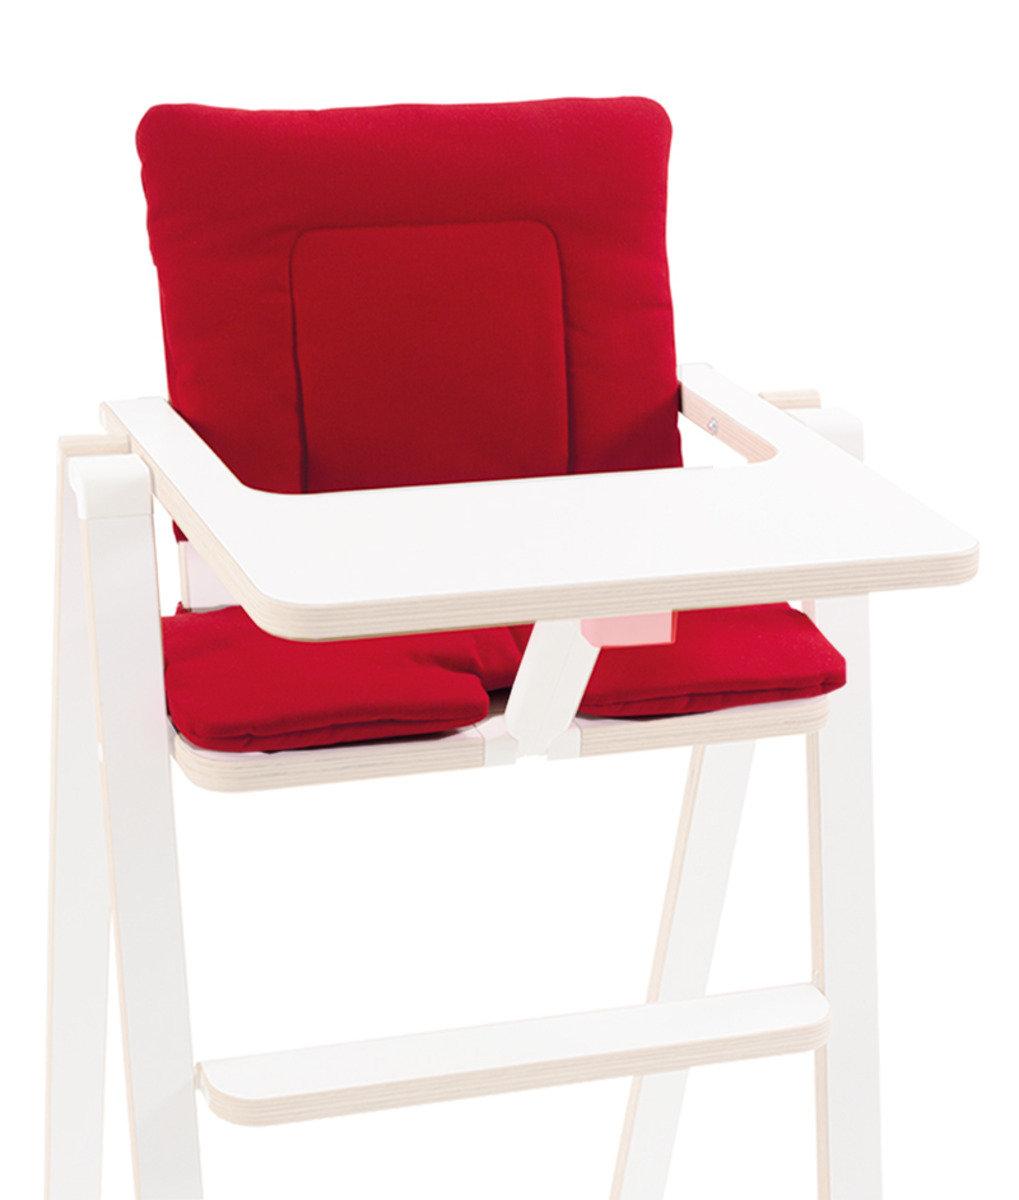 奧地利 SUPAflat 坐墊 - 時尚紅